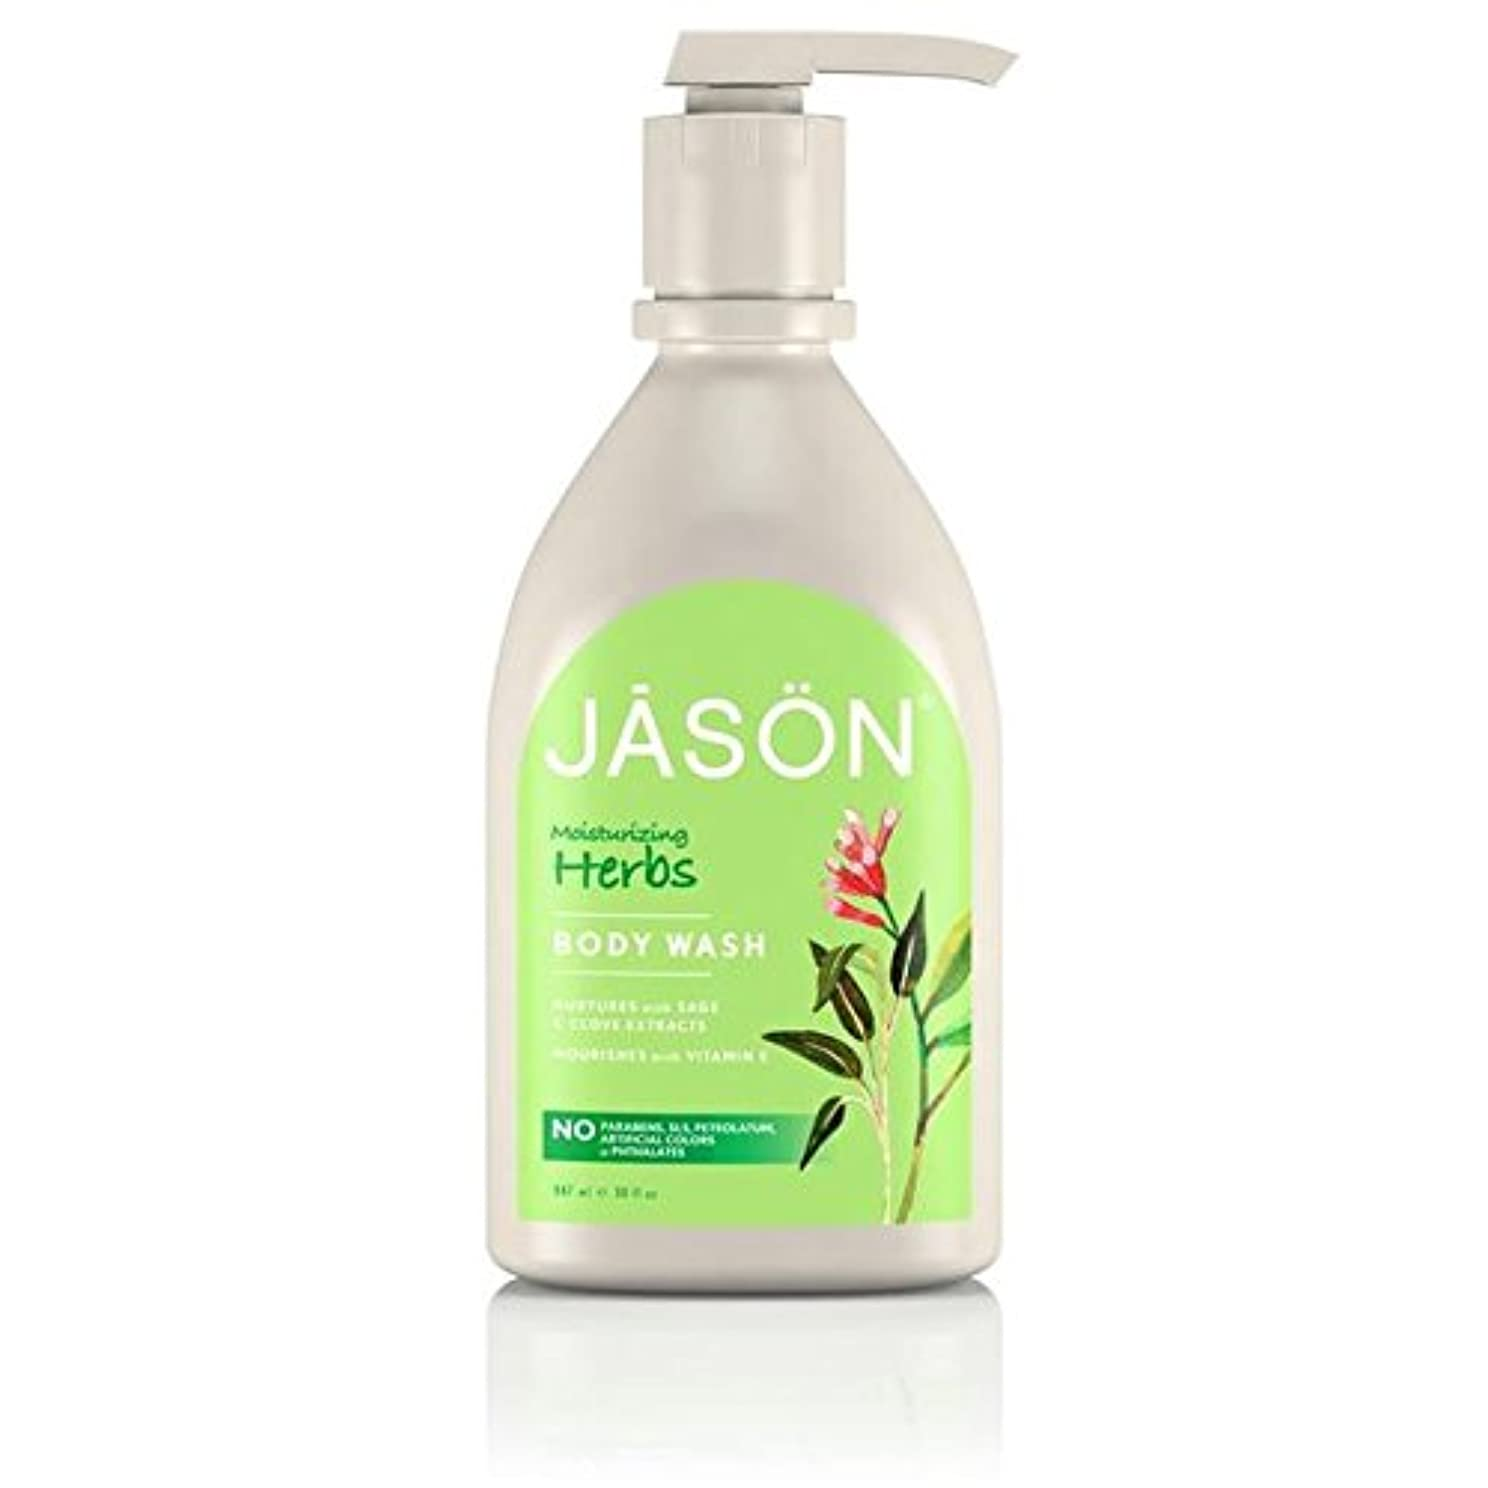 吐くチャーター構成員Jason Herbal Satin Body Wash Pump 900ml - ジェイソン?ハーブサテンボディウォッシュポンプ900ミリリットル [並行輸入品]